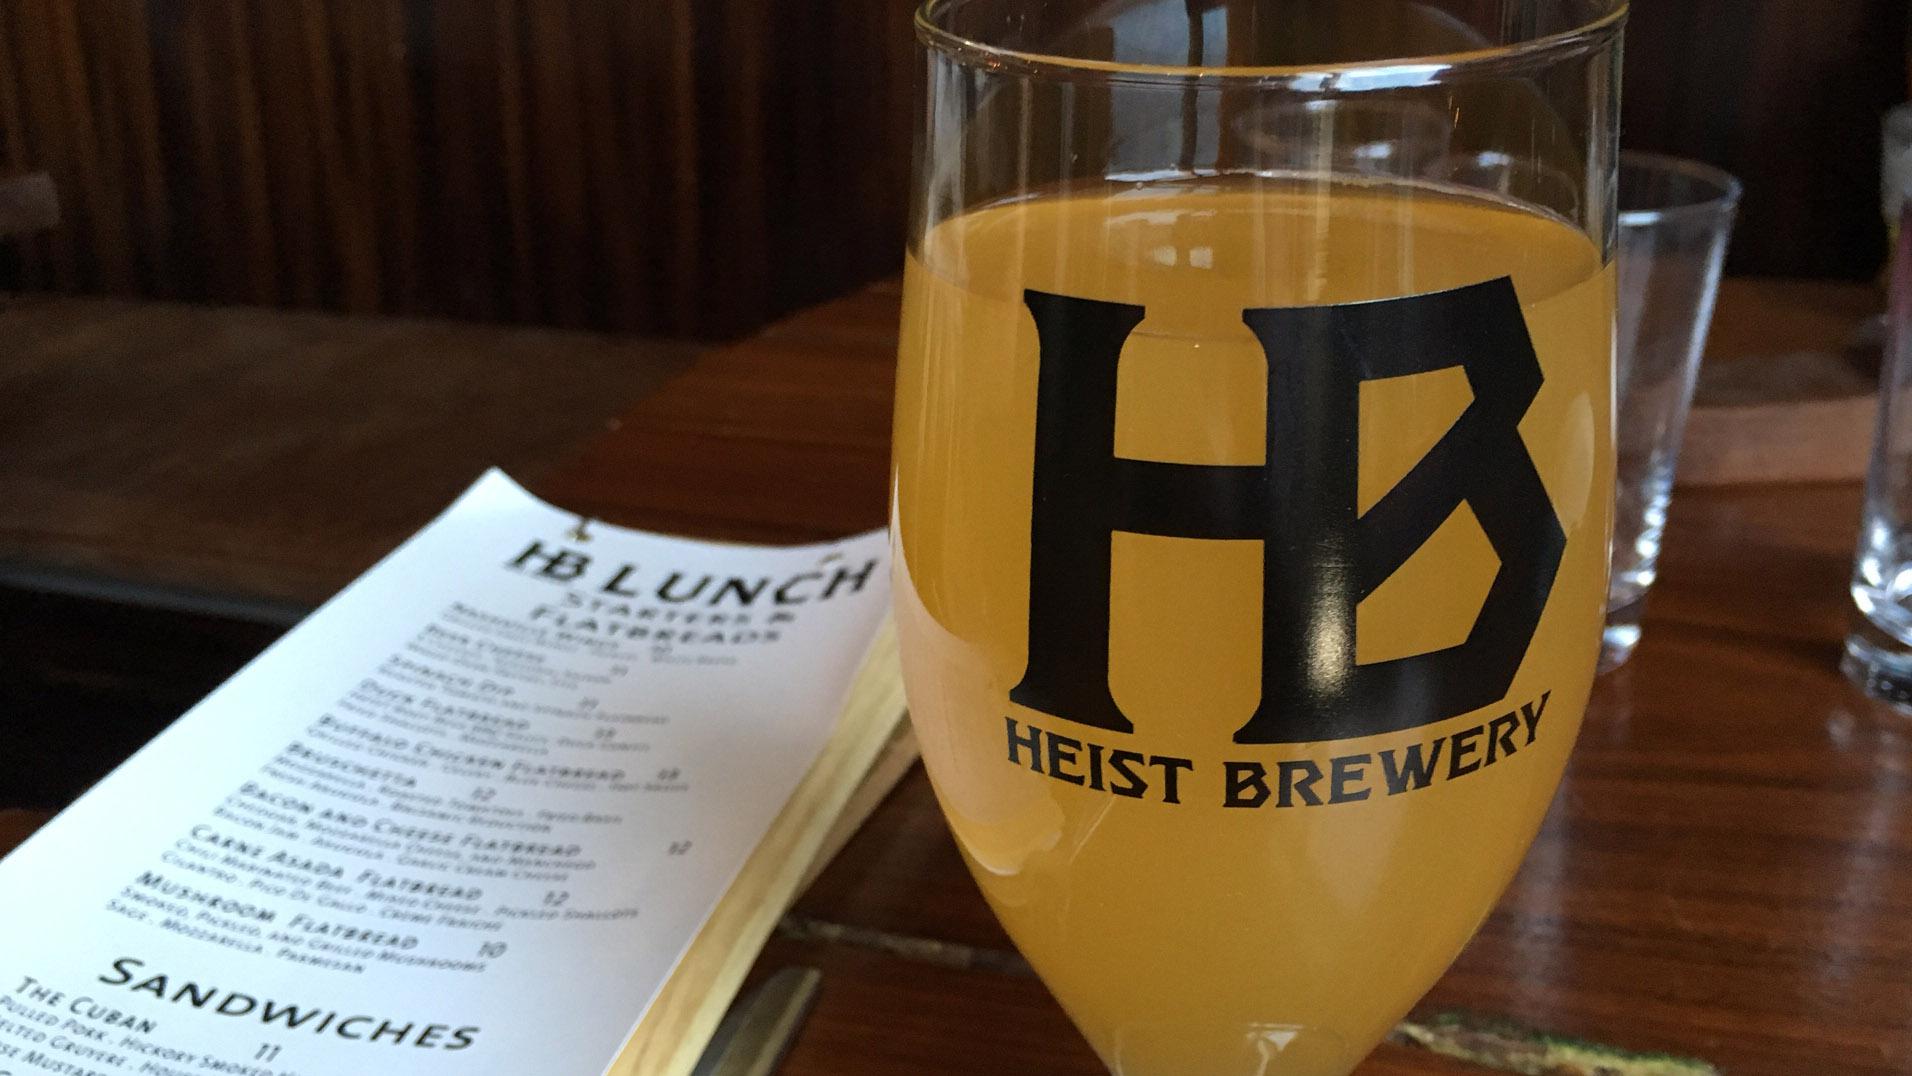 HB Beer